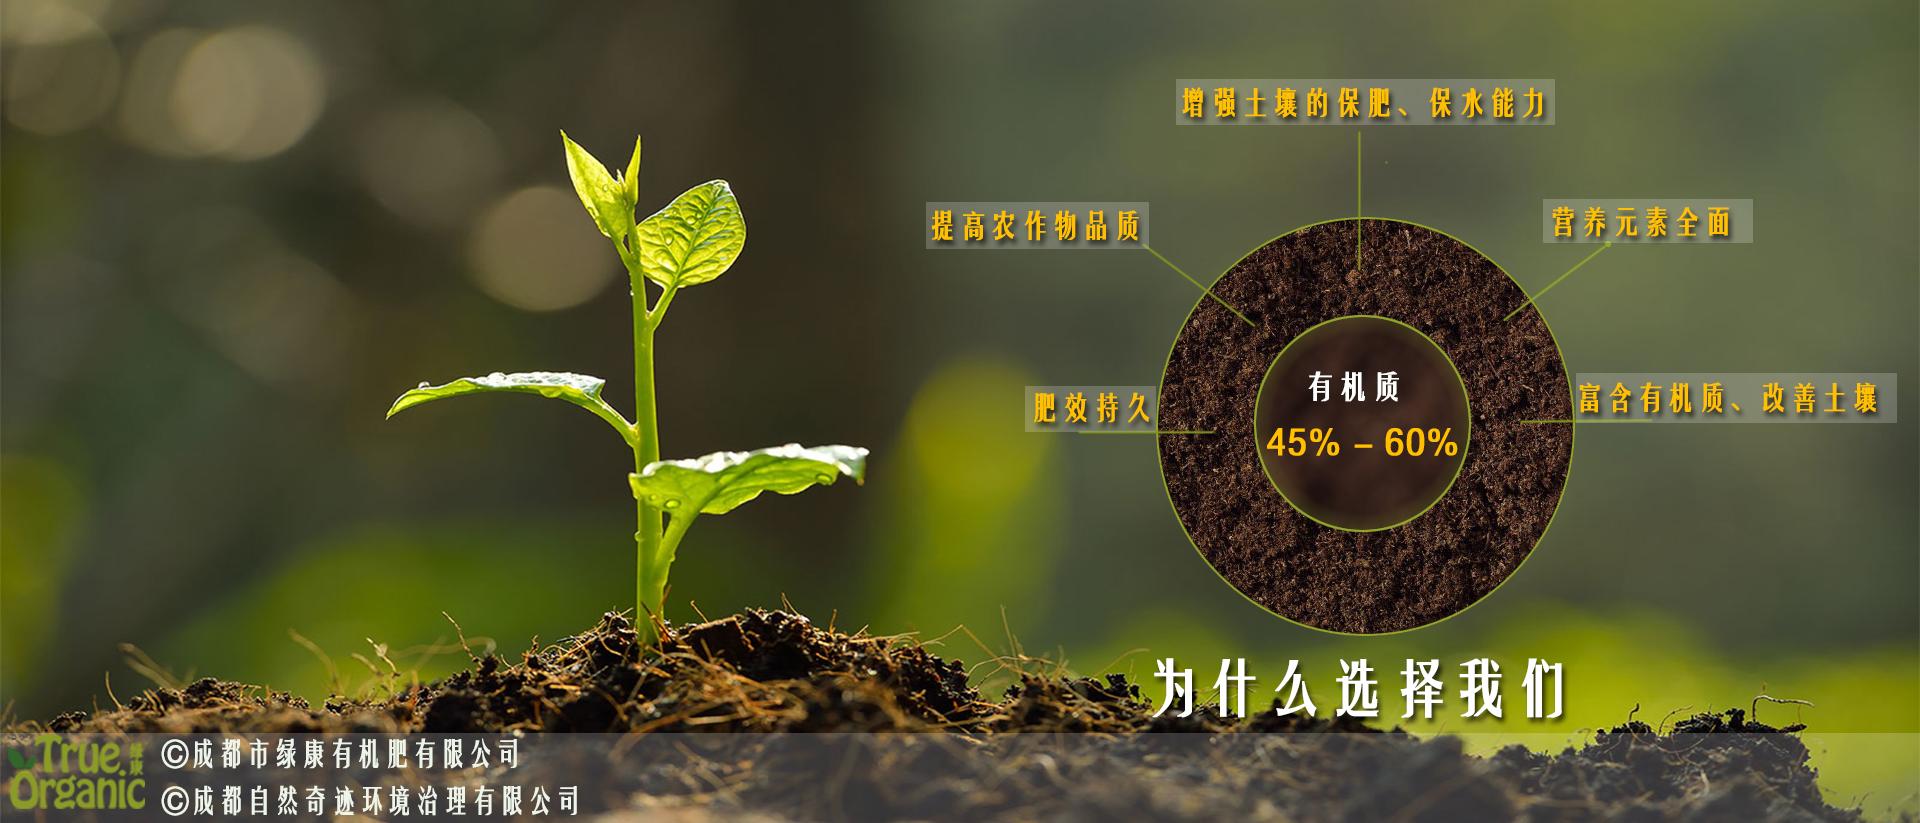 自然奇迹_成都绿康有机肥有限公司